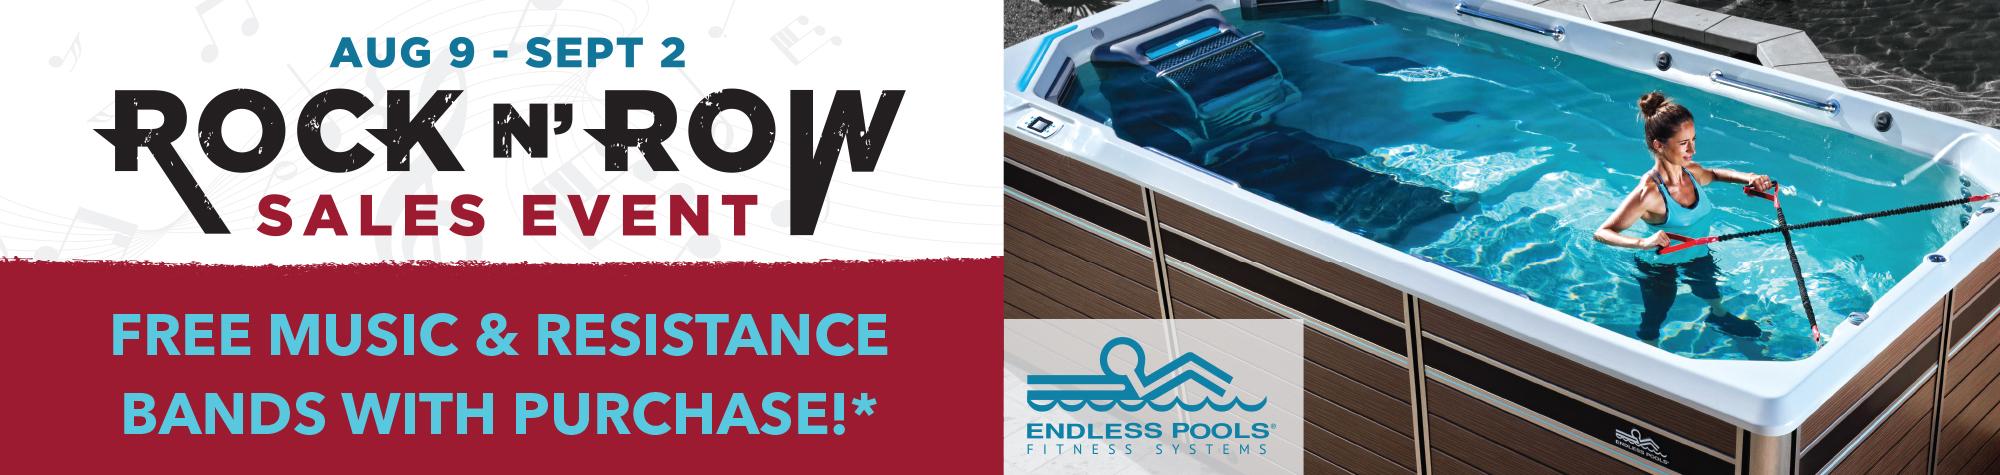 Endless Pool Rebate N Ride Event